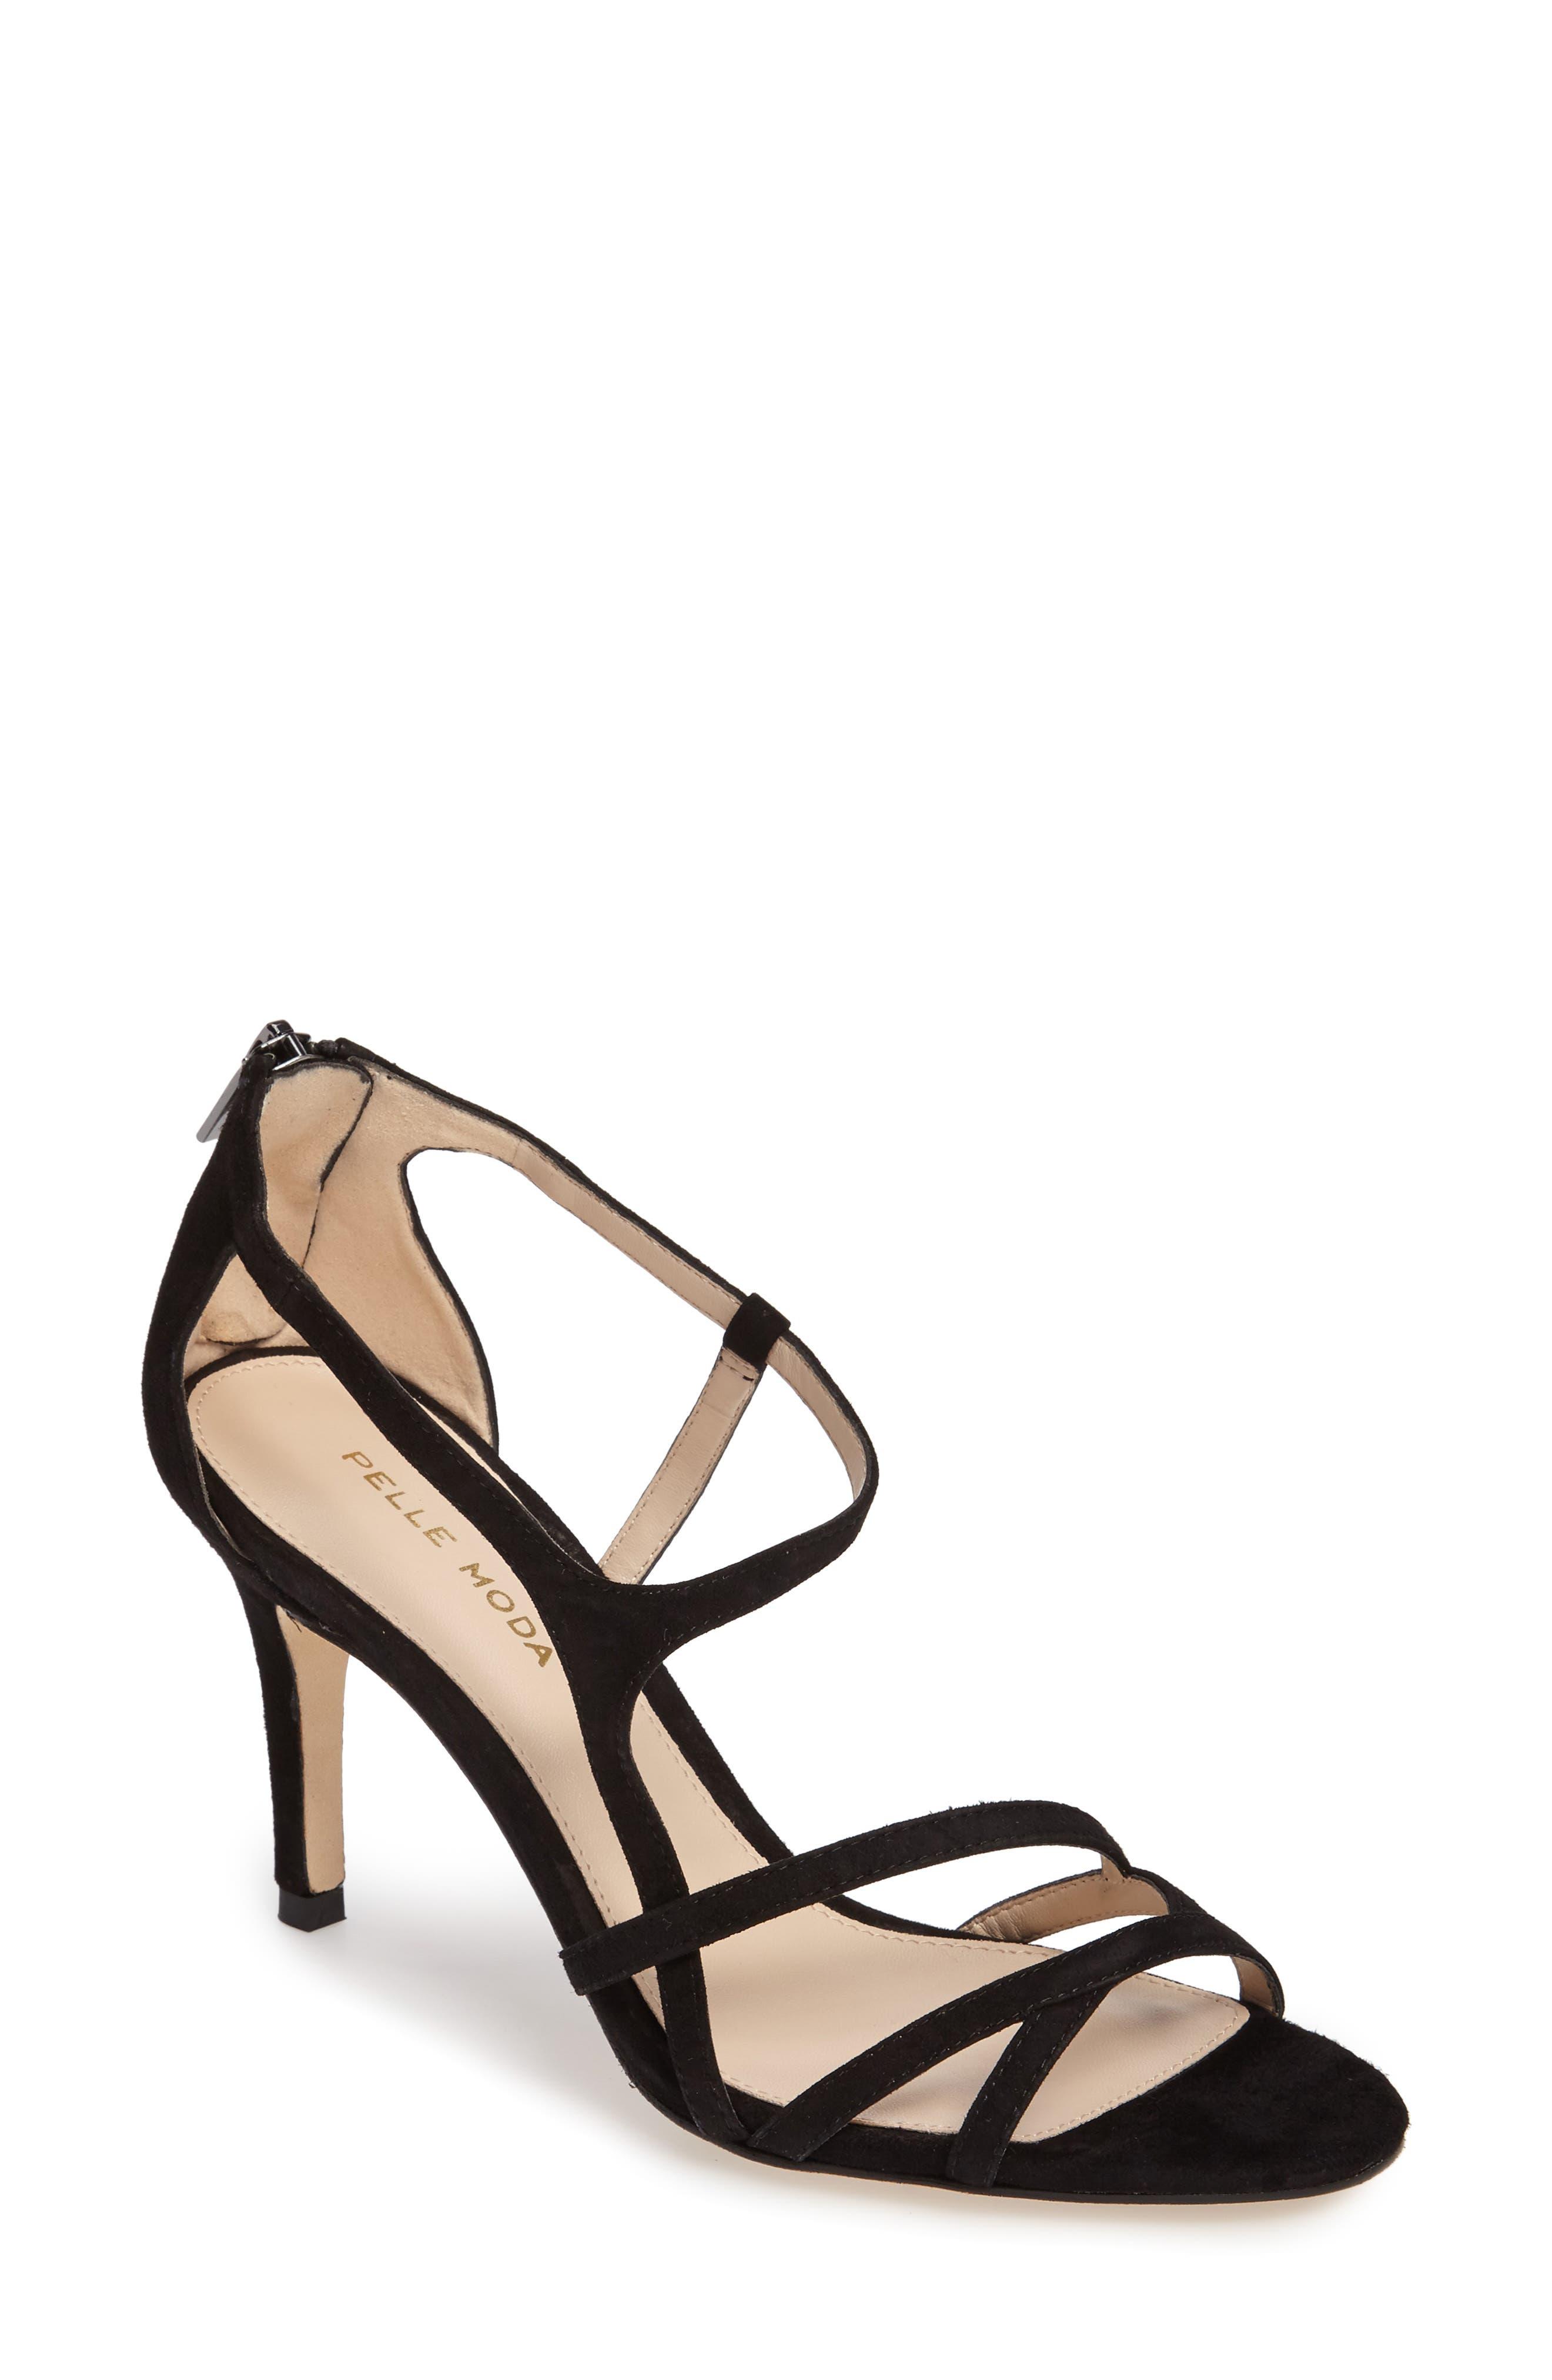 Ruby Asymmetrical Strappy Sandal,                             Main thumbnail 1, color,                             001